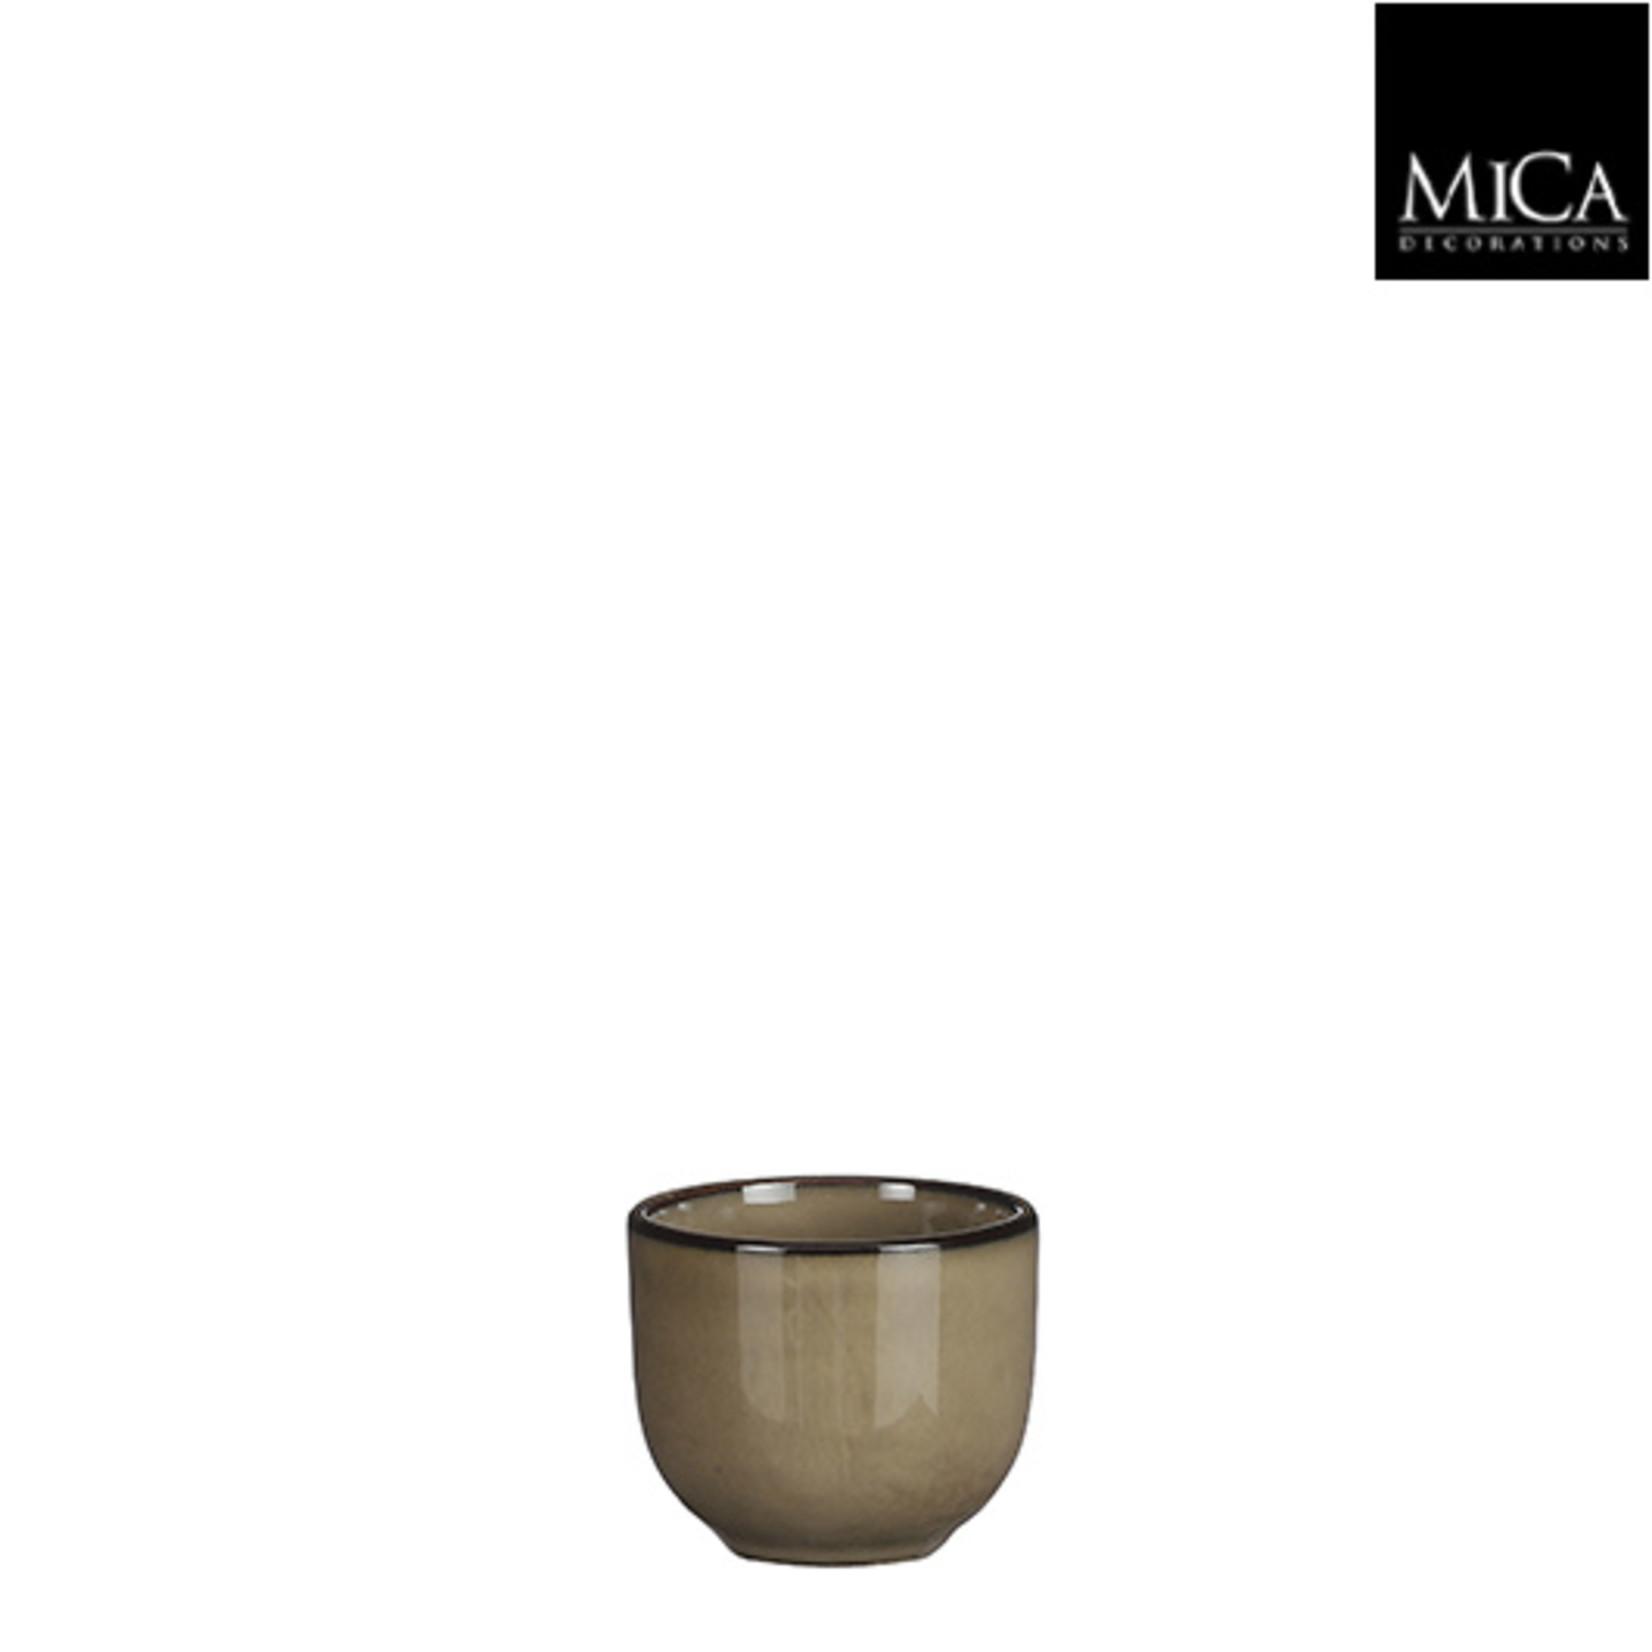 MiCa Tabo egg cup cream